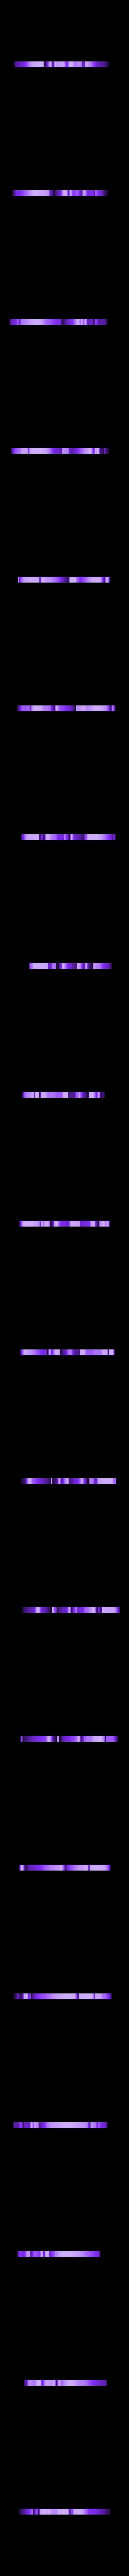 renardplein.stl Télécharger fichier STL Emporte pièce renard • Design pour impression 3D, n256